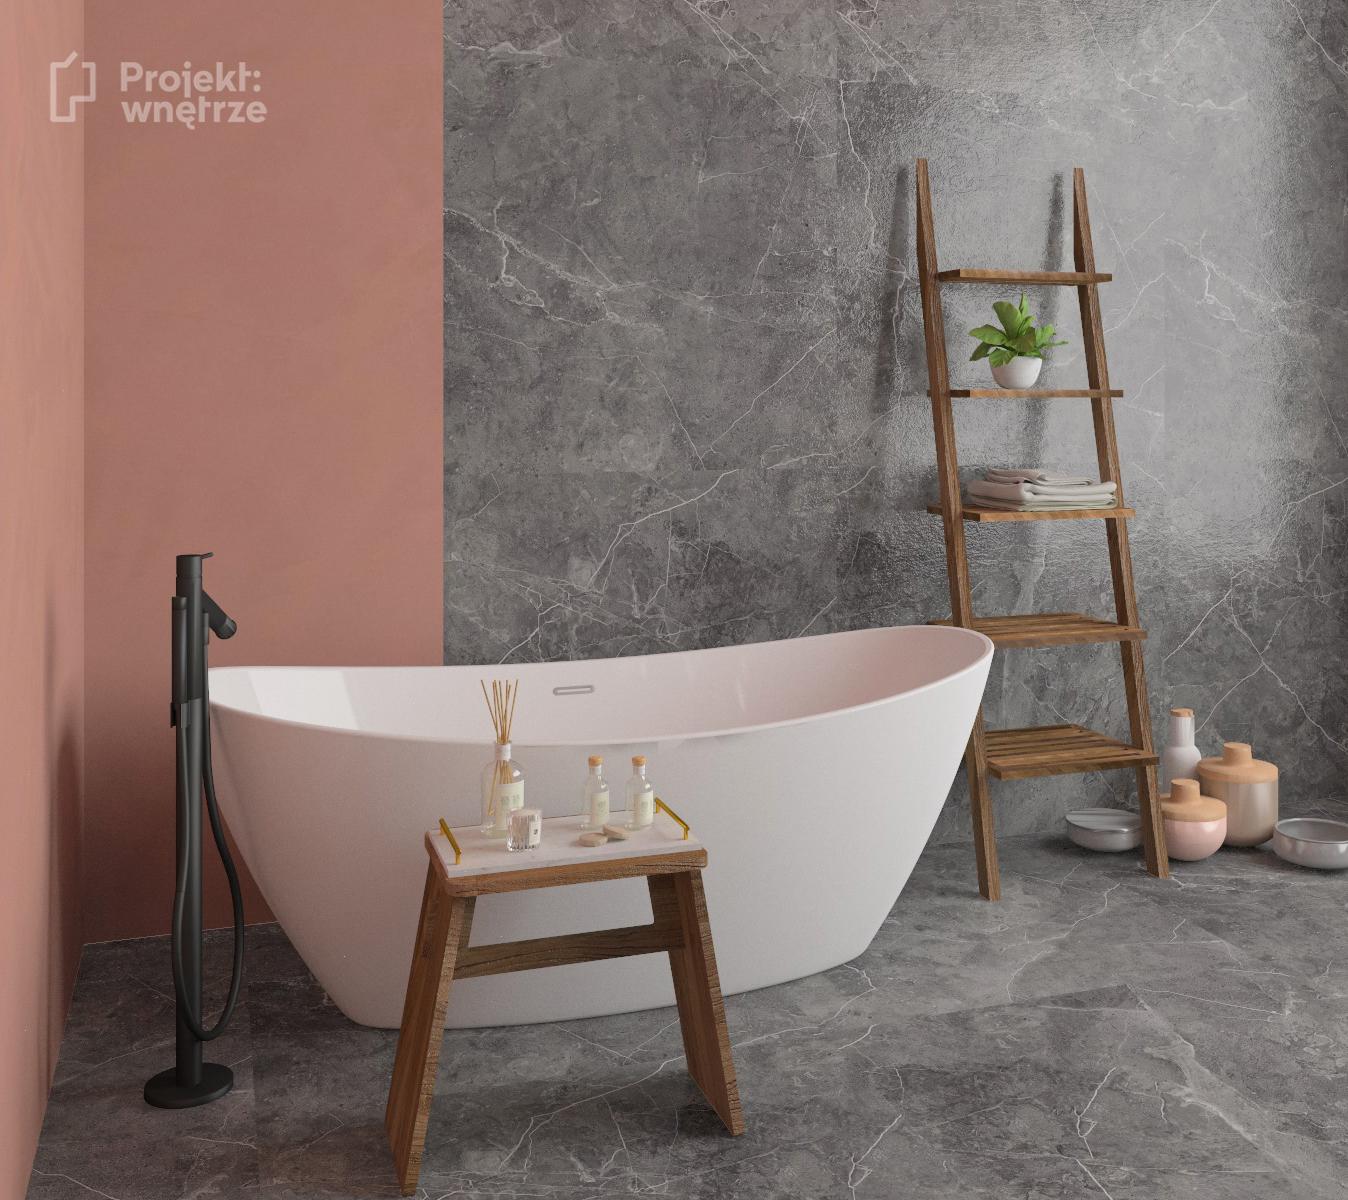 Łazienka róż szarość wanna wolnostojąca - projekt łazienki w kolorze różu z szarymi płytkami i drewnem - Projekt wnętrze - www.projektwnetrze.com.pl